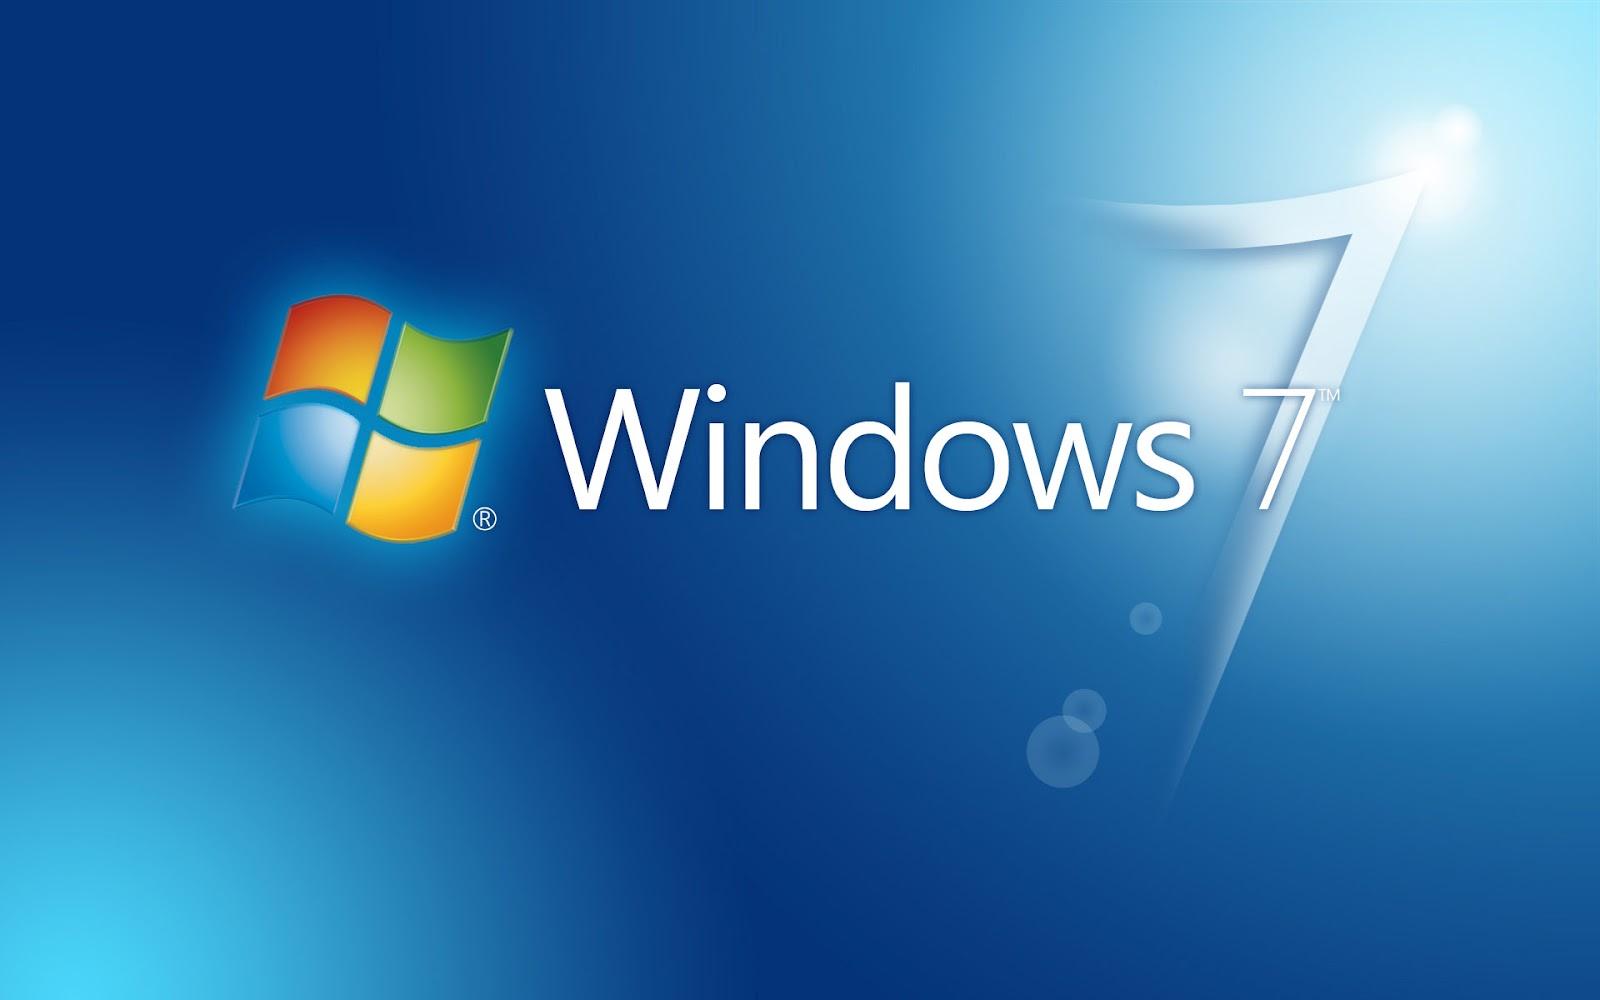 http://3.bp.blogspot.com/-BTKqaL1K_4s/TzeUmL4Xt7I/AAAAAAAAFbI/YIrNfgcziL0/s1600/Windows+7+Wallpapers+6.jpg